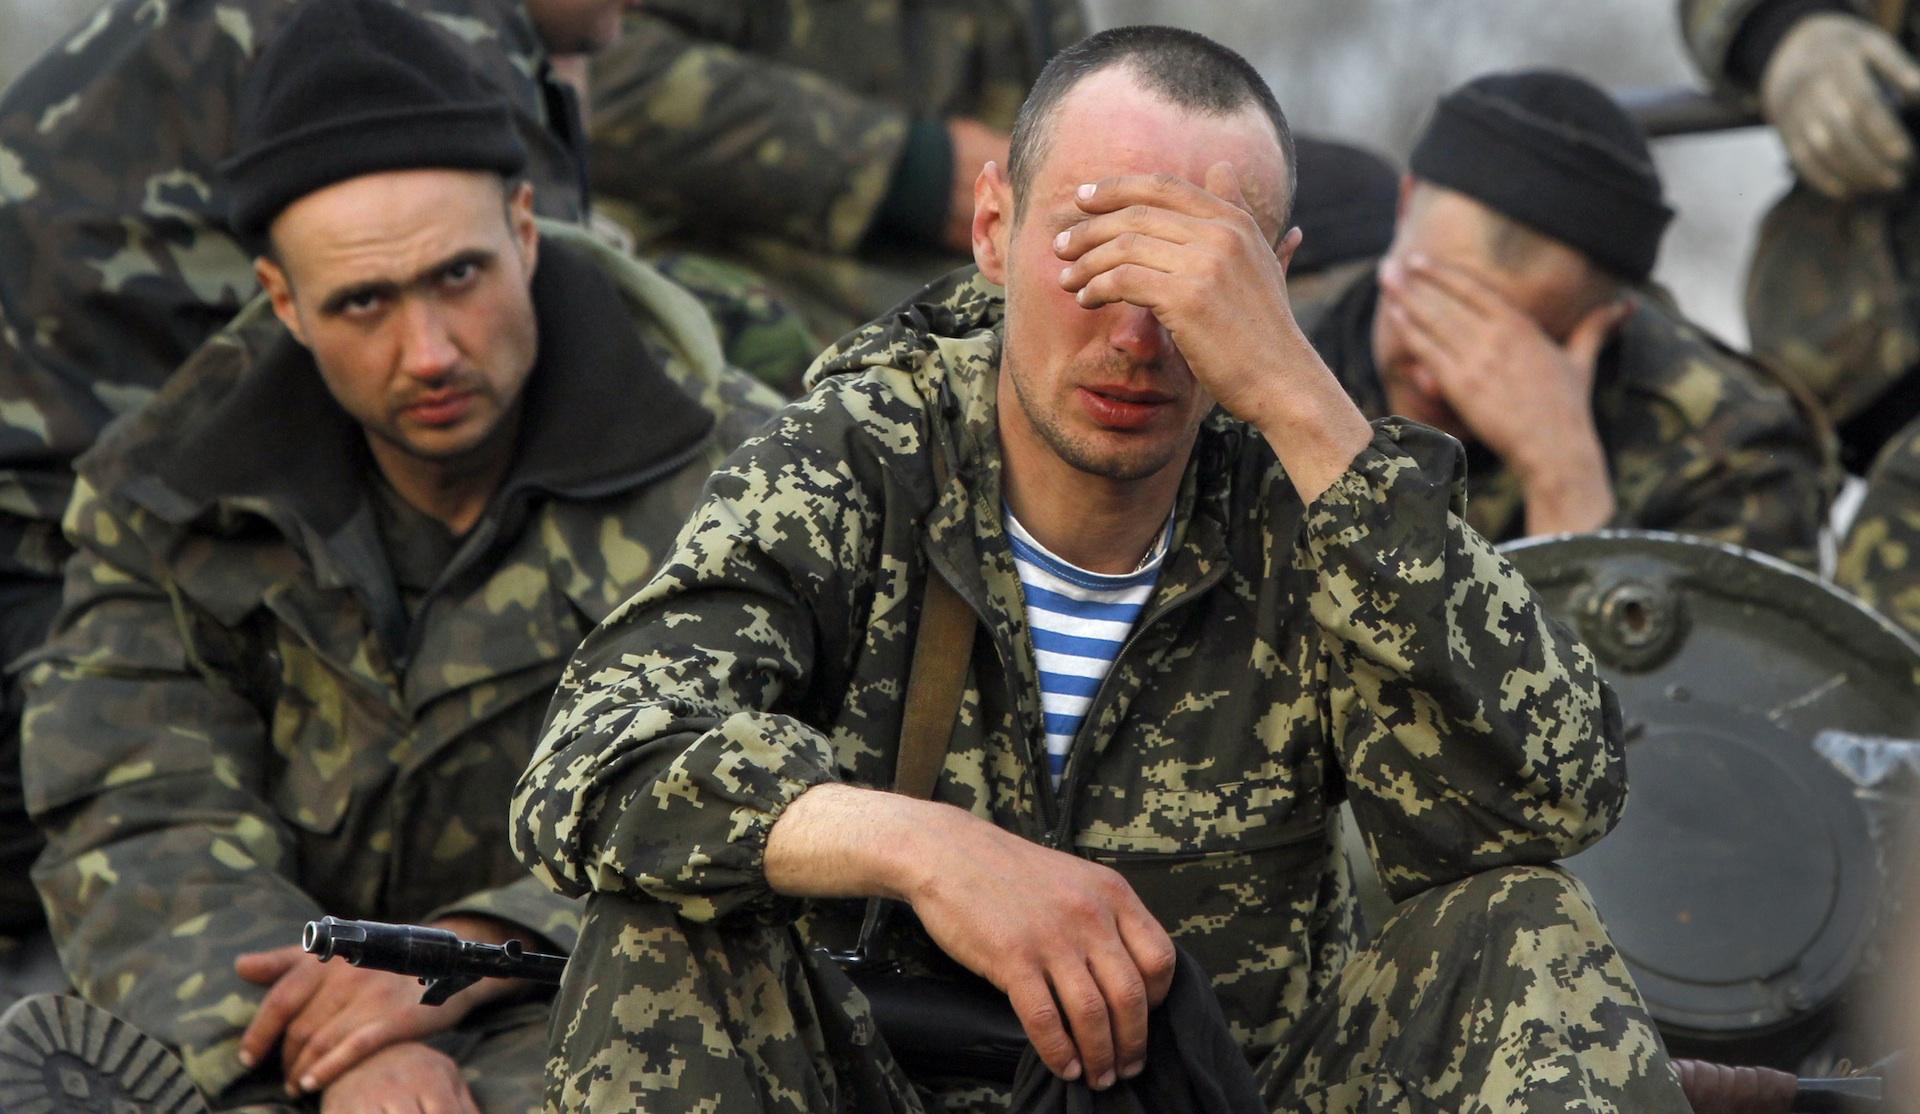 25% of Ukrainian troops under criminal investigation since April 2014